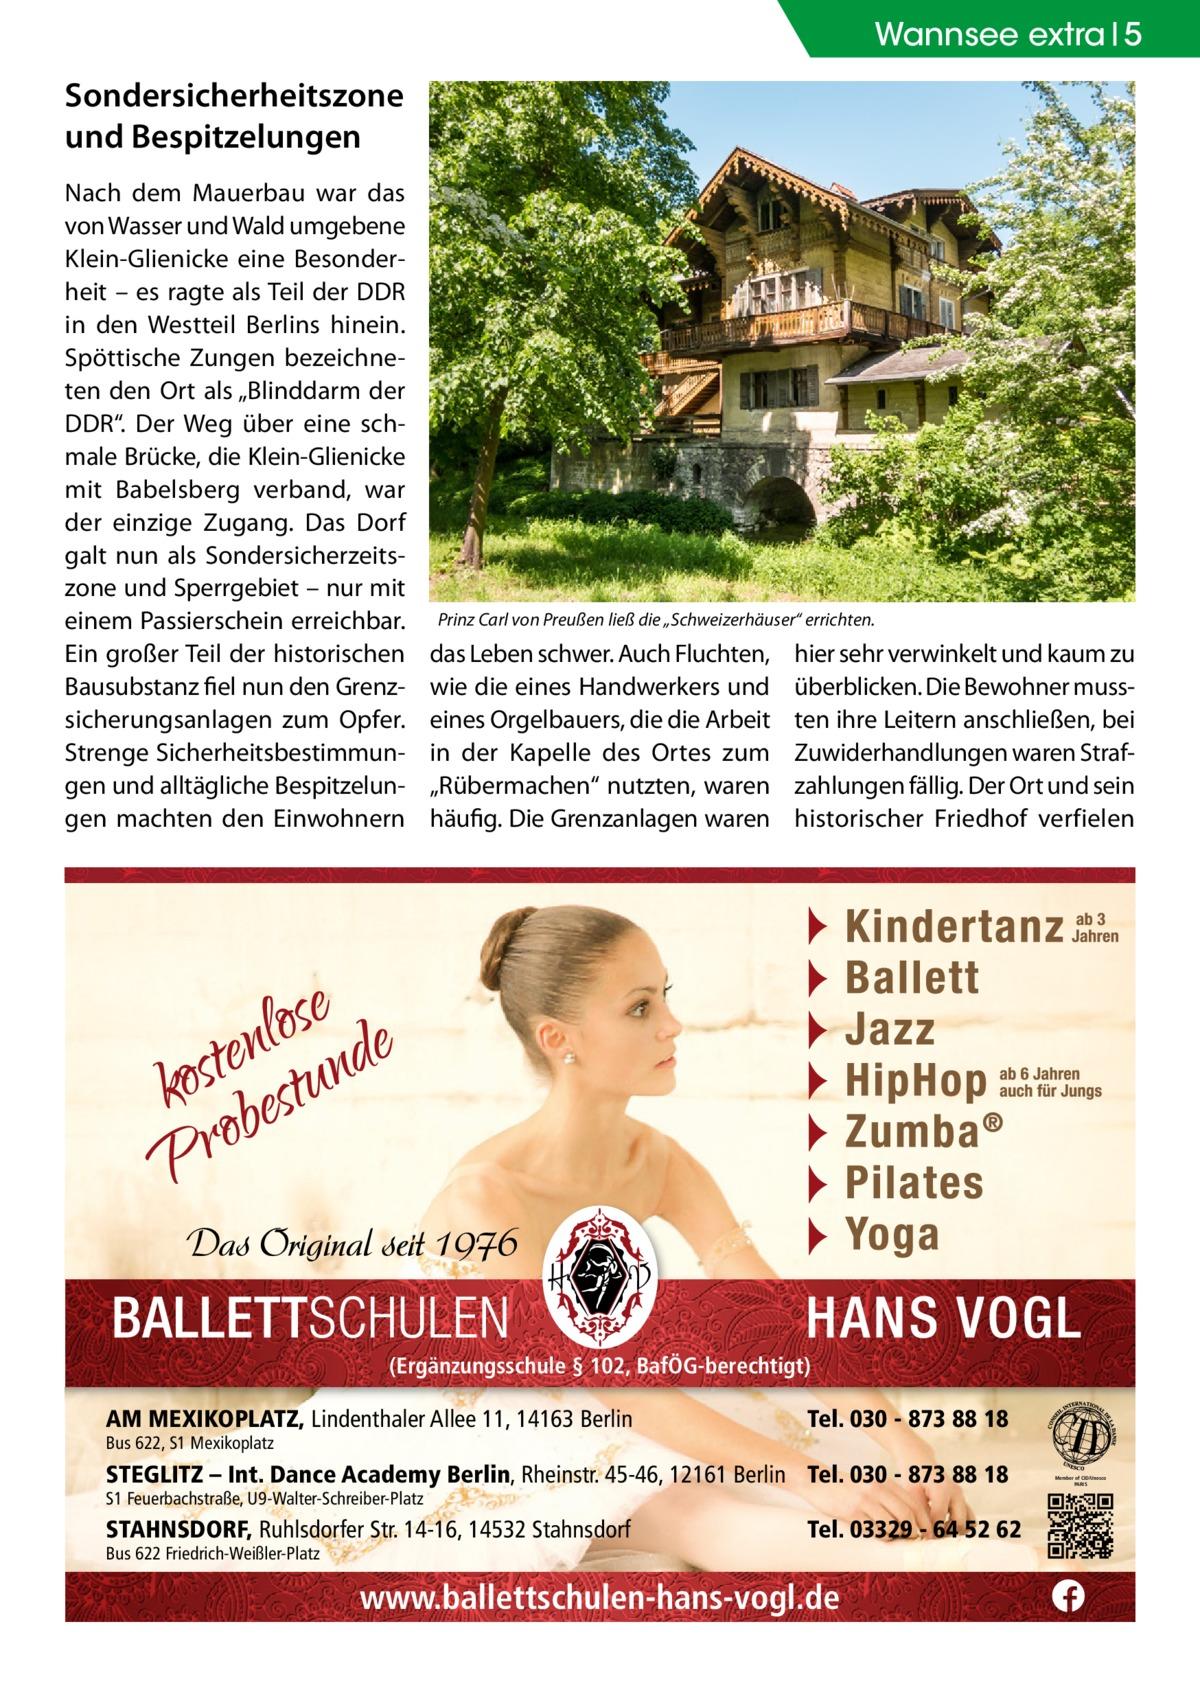 """Wannsee extra 5  Sondersicherheitszone und Bespitzelungen Nach dem Mauerbau war das von Wasser und Wald umgebene Klein-Glienicke eine Besonderheit – es ragte als Teil der DDR in den Westteil Berlins hinein. Spöttische Zungen bezeichneten den Ort als """"Blinddarm der DDR"""". Der Weg über eine schmale Brücke, die Klein-Glienicke mit Babelsberg verband, war der einzige Zugang. Das Dorf galt nun als Sondersicherzeitszone und Sperrgebiet – nur mit einem Passierschein erreichbar. Ein großer Teil der historischen Bausubstanz fiel nun den Grenzsicherungsanlagen zum Opfer. Strenge Sicherheitsbestimmungen und alltägliche Bespitzelungen machten den Einwohnern  Prinz Carl von Preußen ließ die """"Schweizerhäuser"""" errichten.  das Leben schwer. Auch Fluchten, wie die eines Handwerkers und eines Orgelbauers, die die Arbeit in der Kapelle des Ortes zum """"Rübermachen"""" nutzten, waren häufig. Die Grenzanlagen waren  hier sehr verwinkelt und kaum zu überblicken. Die Bewohner mussten ihre Leitern anschließen, bei Zuwiderhandlungen waren Strafzahlungen fällig. Der Ort und sein historischer Friedhof verfielen  (Ergänzungsschule § 102, BafÖG-berechtigt)  AM MEXIKOPLATZ, Lindenthaler Allee 11, 14163 Berlin Bus 622, S1 Mexikoplatz  Tel. 030 - 873 88 18  STEGLITZ – Int. Dance Academy Berlin, Rheinstr. 45-46, 12161 Berlin Tel. 030 - 873 88 18 S1 Feuerbachstraße, U9-Walter-Schreiber-Platz  STAHNSDORF, Ruhlsdorfer Str. 14-16, 14532 Stahnsdorf Bus 622 Friedrich-Weißler-Platz  Tel. 03329 - 64 52 62  www.ballettschulen-hans-vogl.de  Member of CID/Unesco PARIS"""